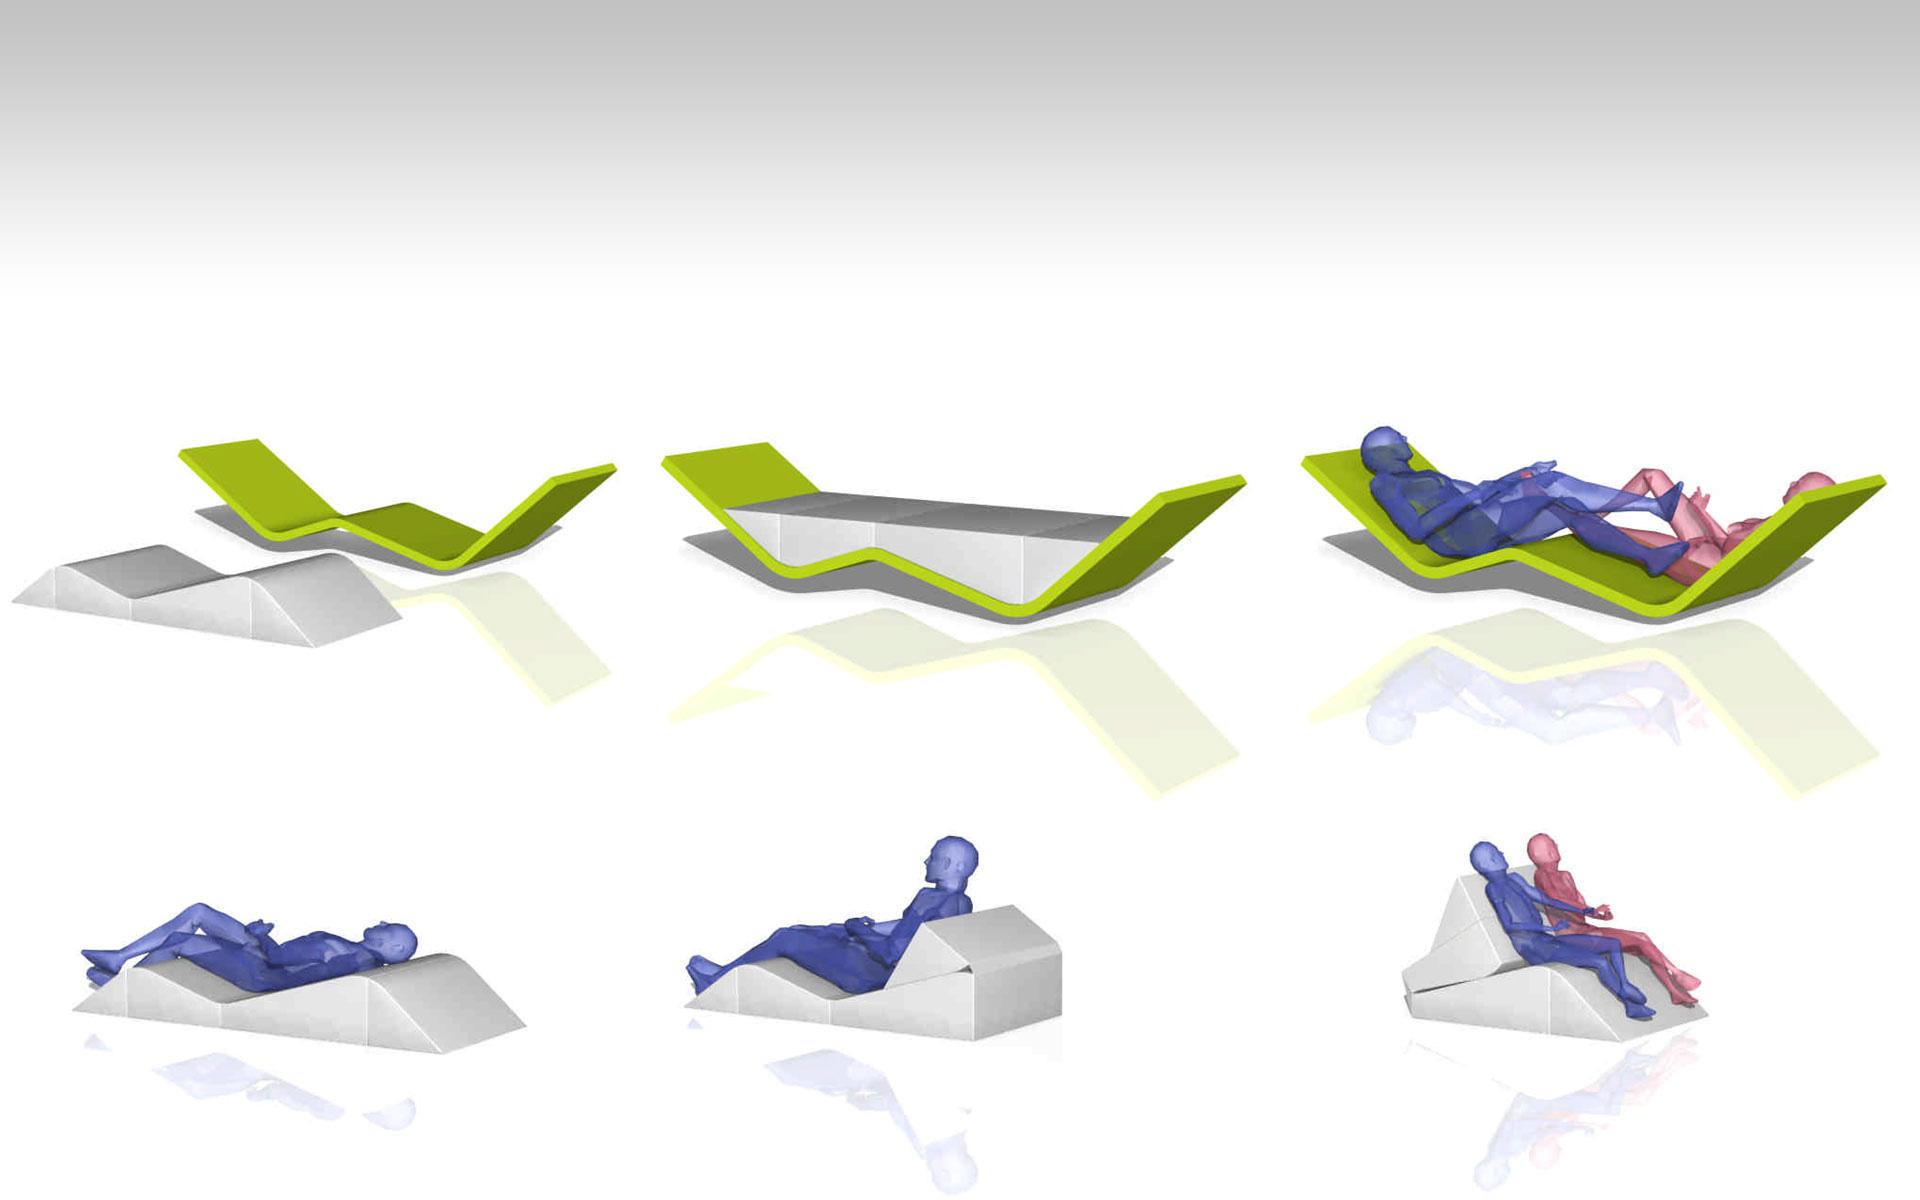 diseño industrial, diseño de mobiliario chaise longue y sofá concept